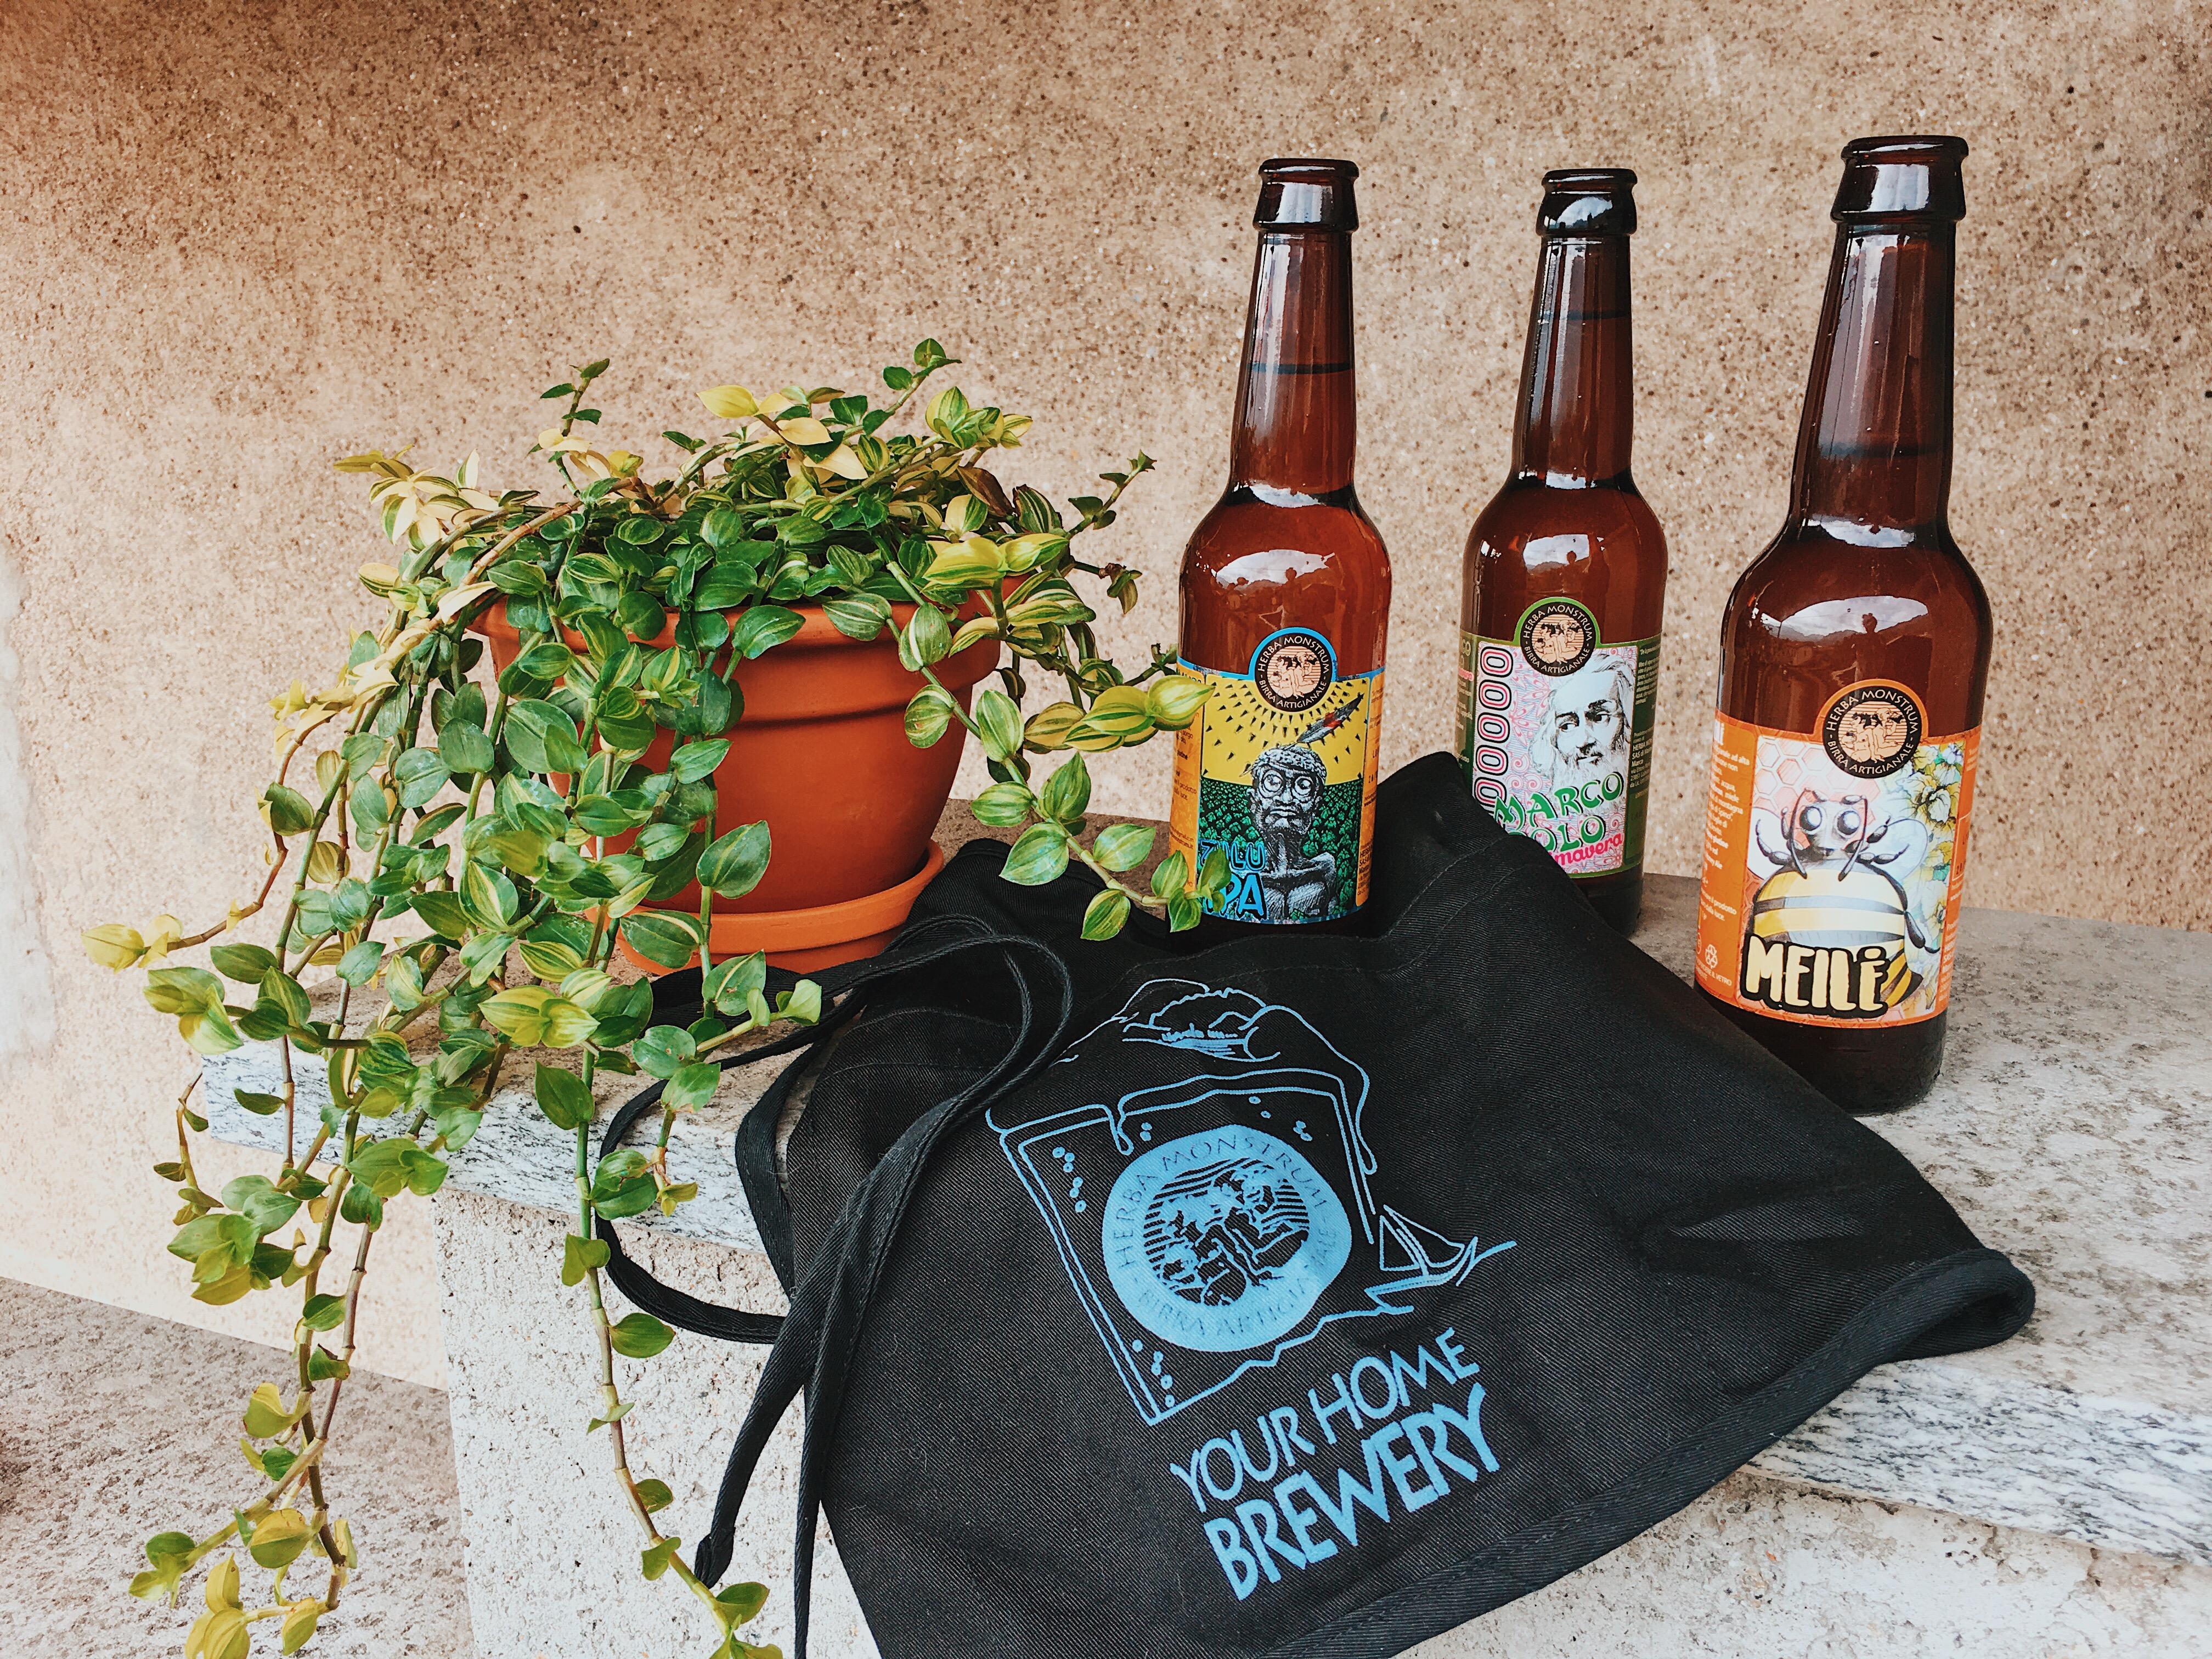 Herba Monstrum Brewery APERTURA STRAORDINARIA dalle 18 all' 1, lunedì 30 aprile 2018. Chiusura 1 maggio 2018. Via Ettore Monti, 29, 23851 in zona Ponte Azzone Visconti Lecco.